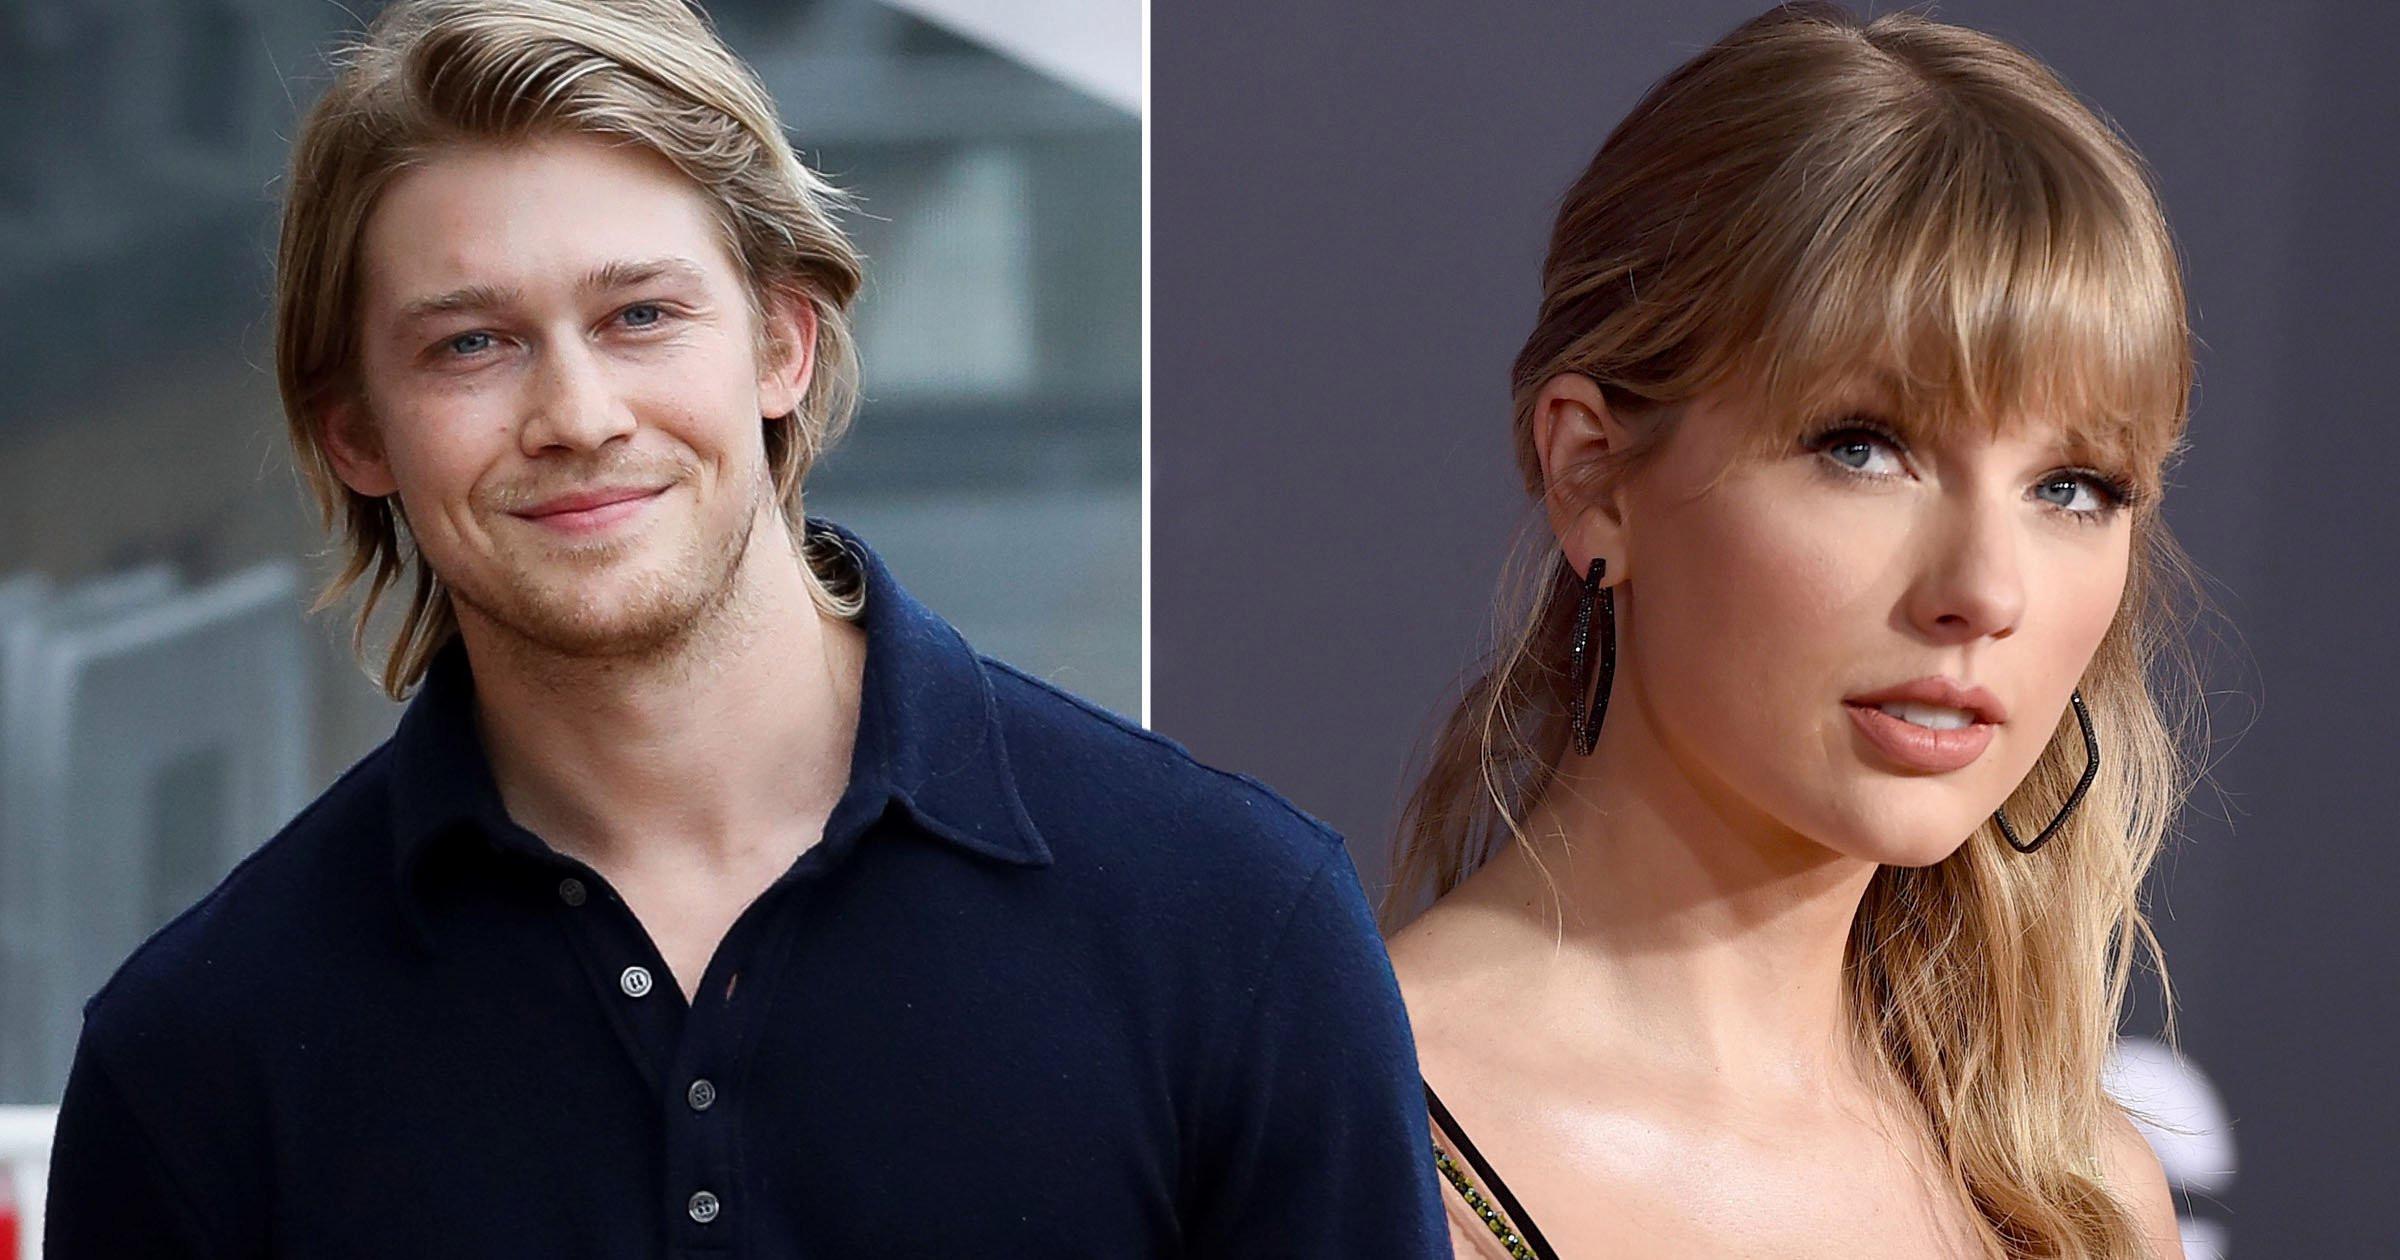 Joe Alwyn supports Taylor Swift as she rips into 'sexist' Netflix series